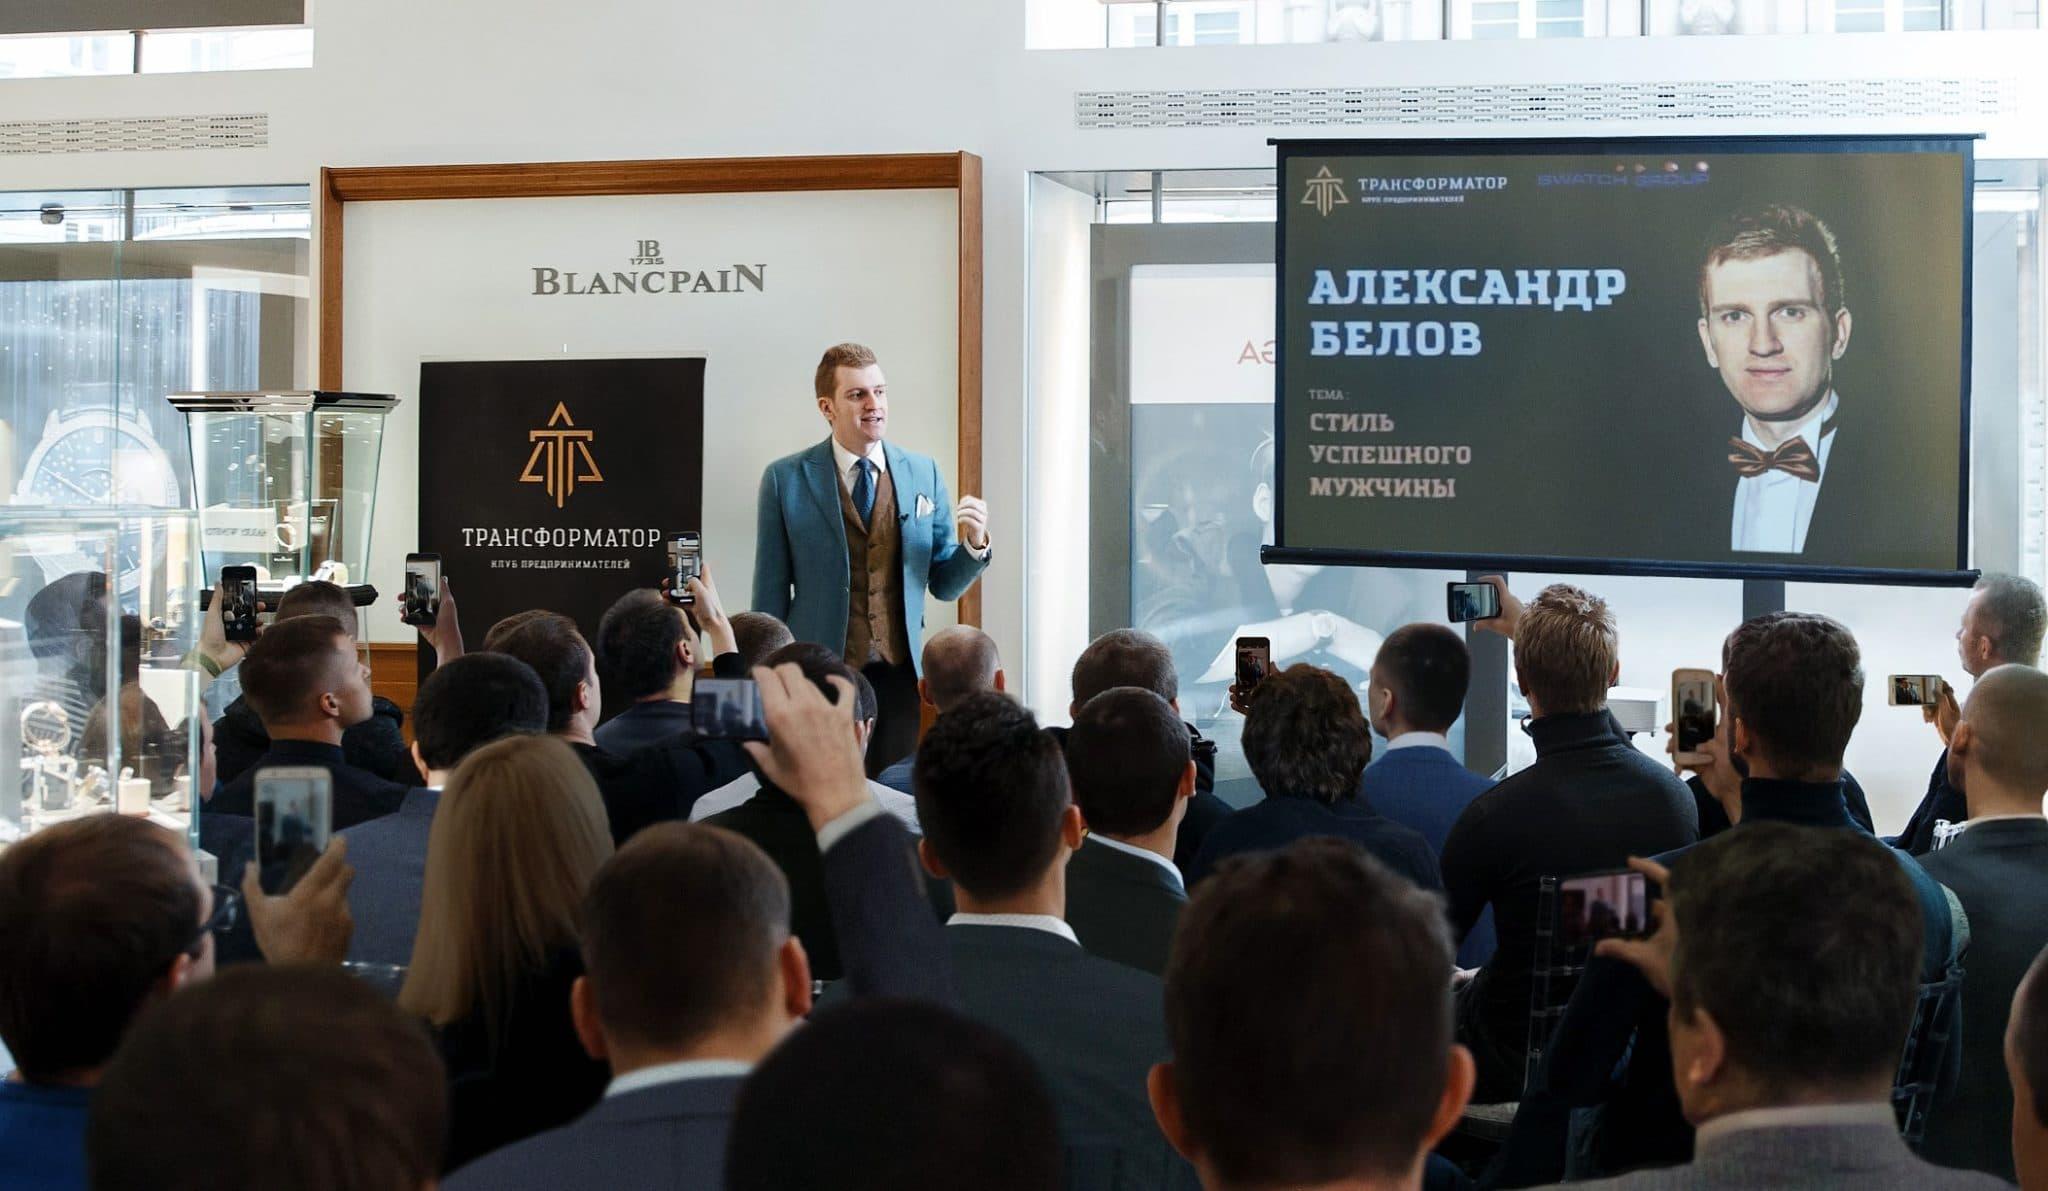 Выступление Александра Белова в клубе предпринимателей